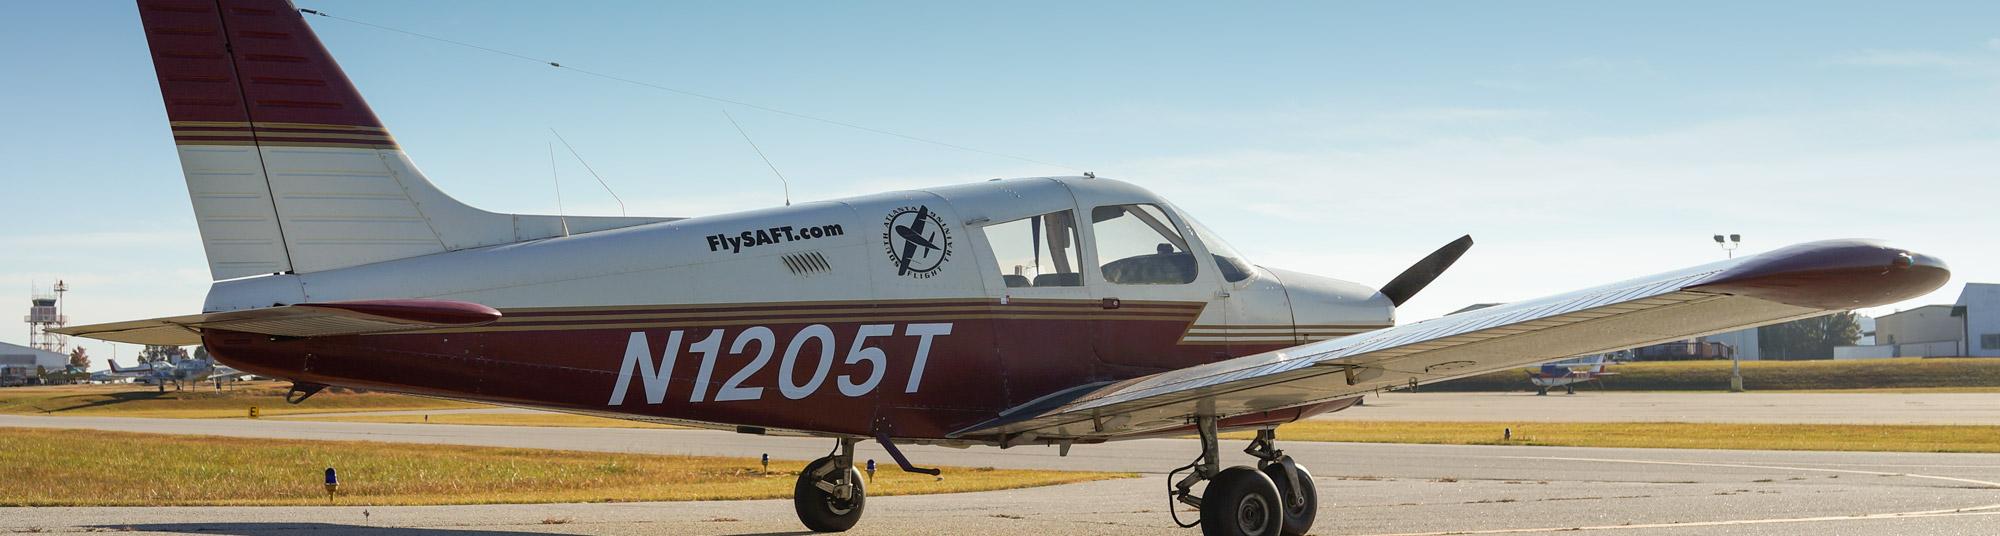 cherokee-pa-28-140-slider-02